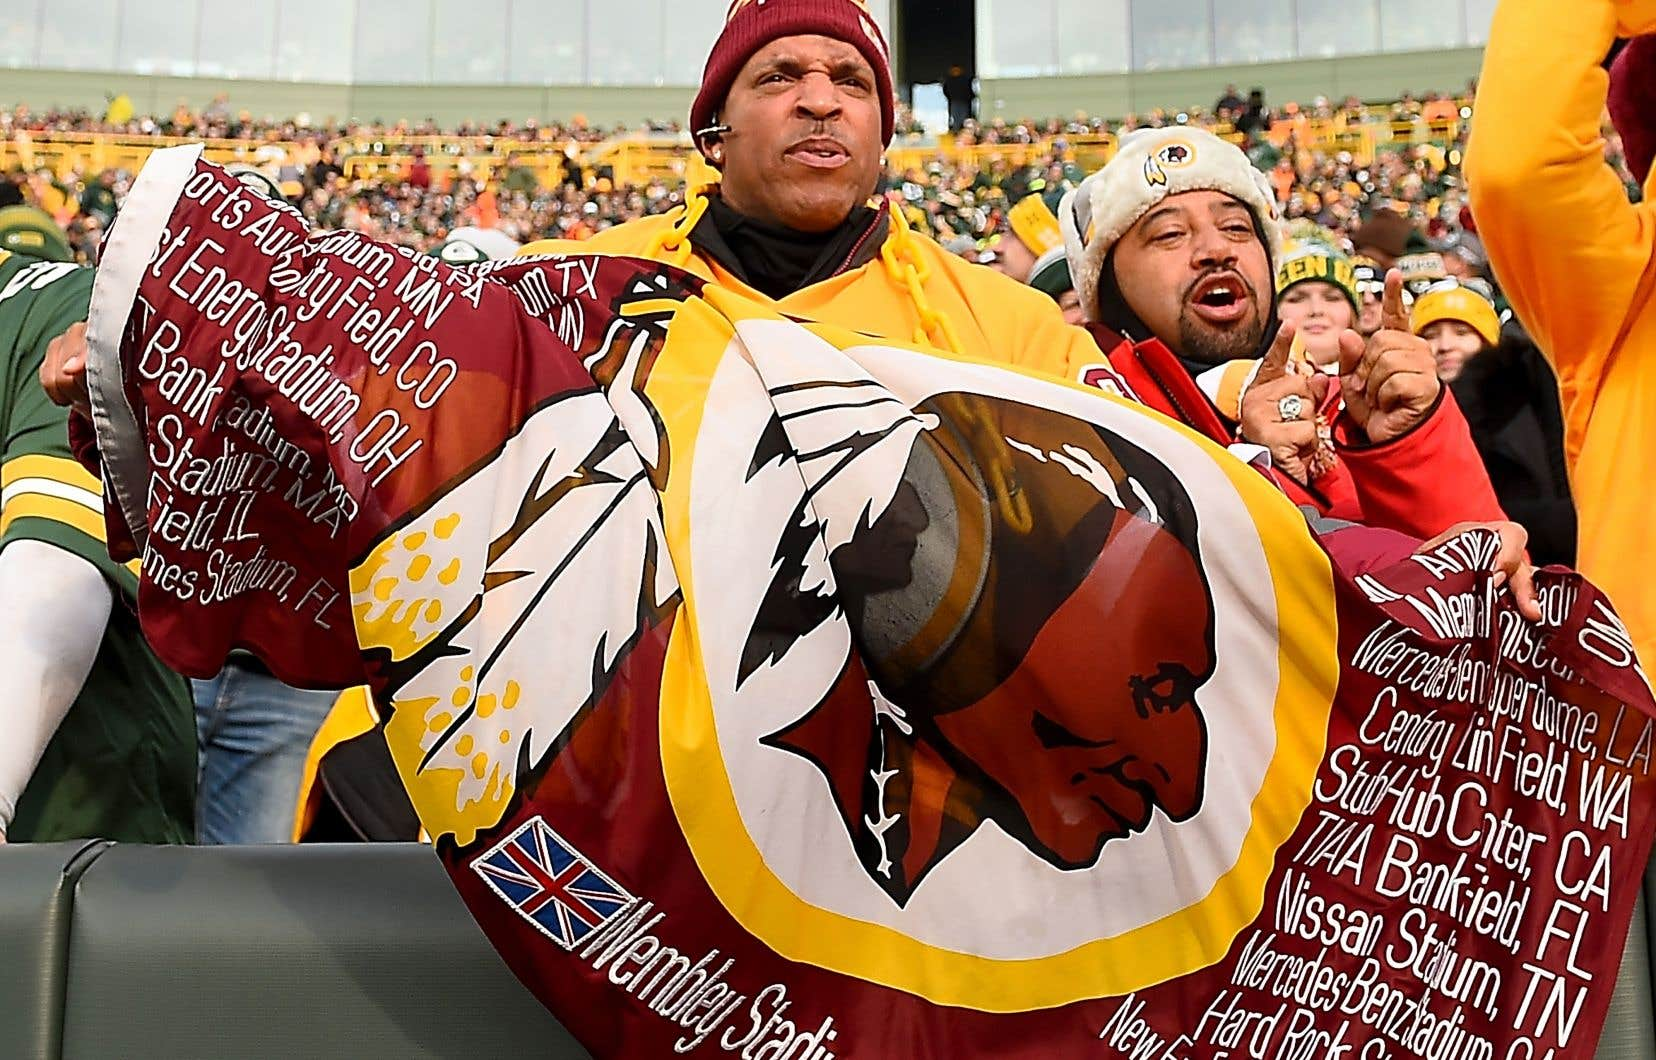 L'équipe de la capitale américaine est critiquée depuis de nombreuses années en raison de la connotation raciste de sonnom et son logo.